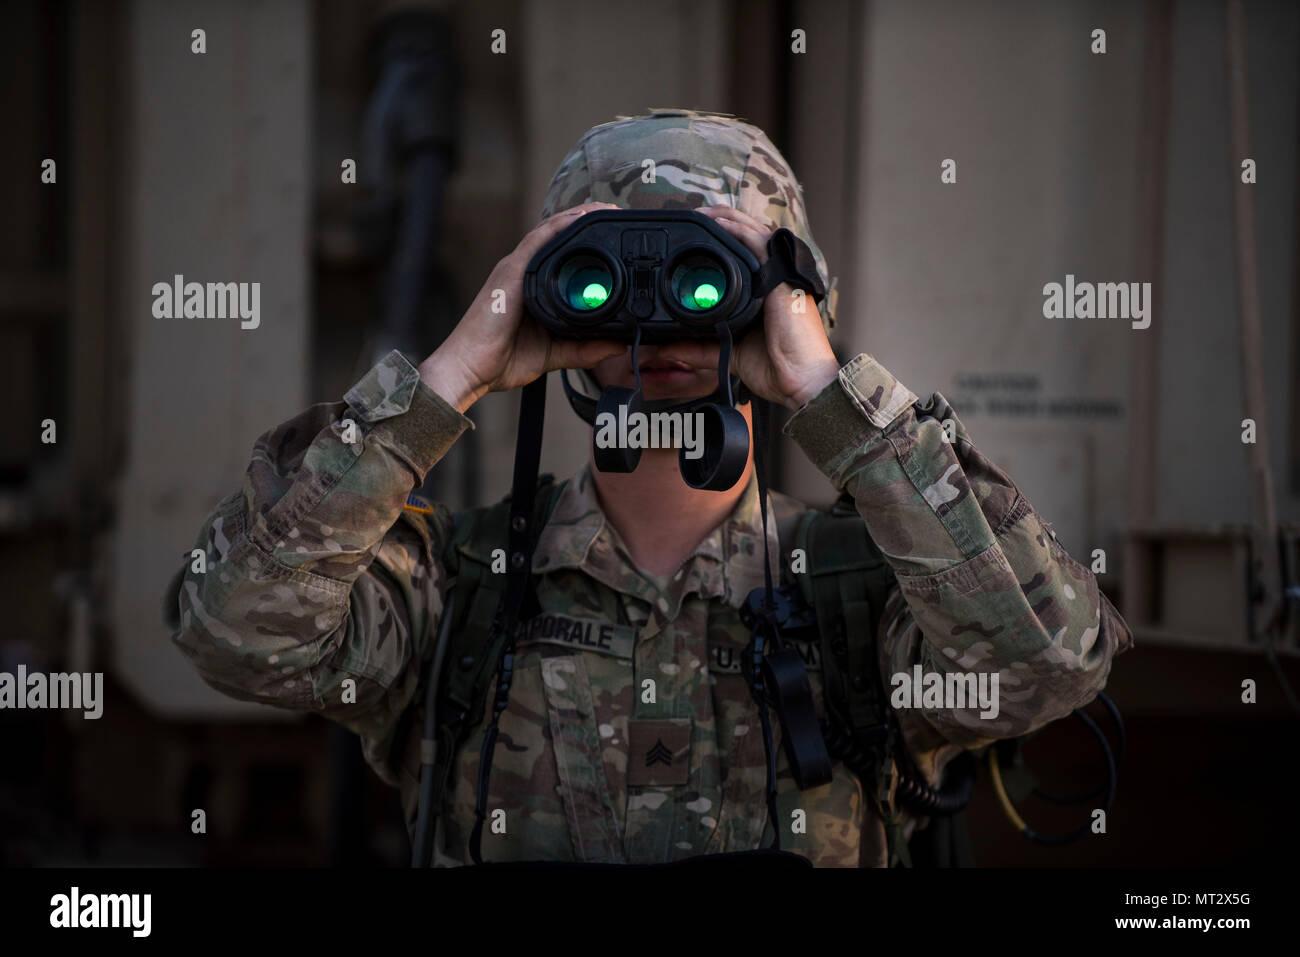 Sgt. carl caporale ein us army reserve militär polizei mit den 382